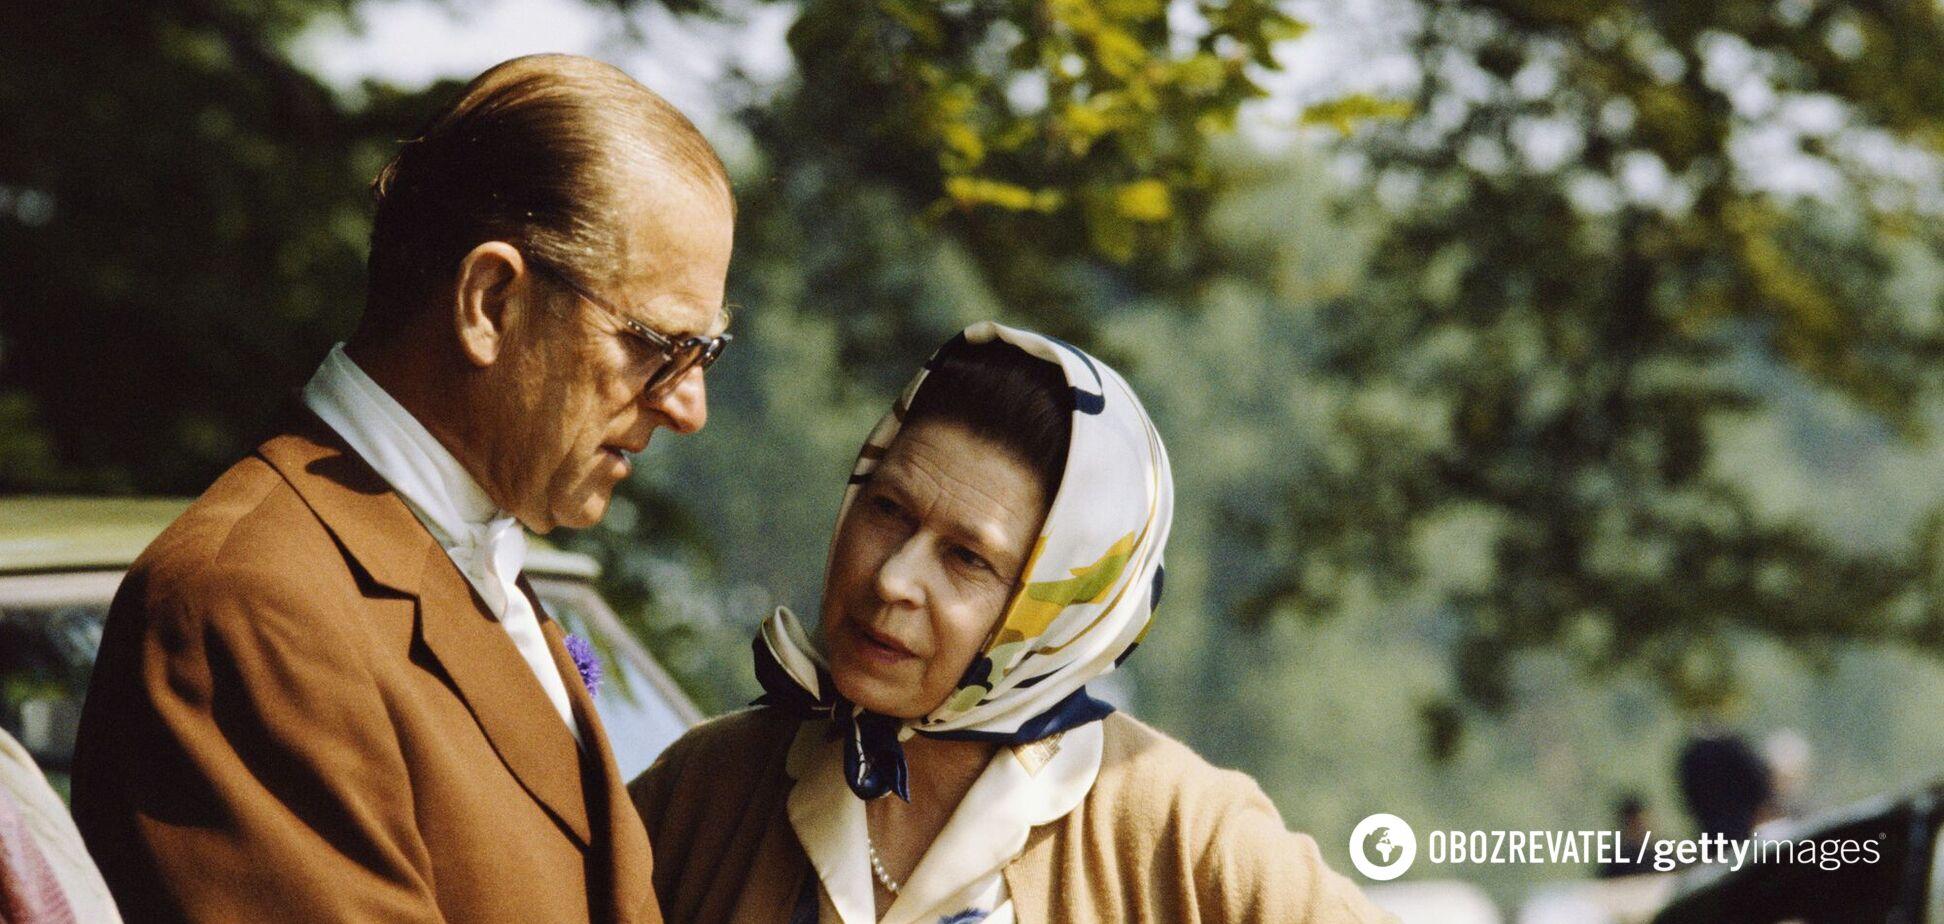 Єлизавета II показала своє улюблене фото з принцом Філіпом на їхньому «щасливому місці»